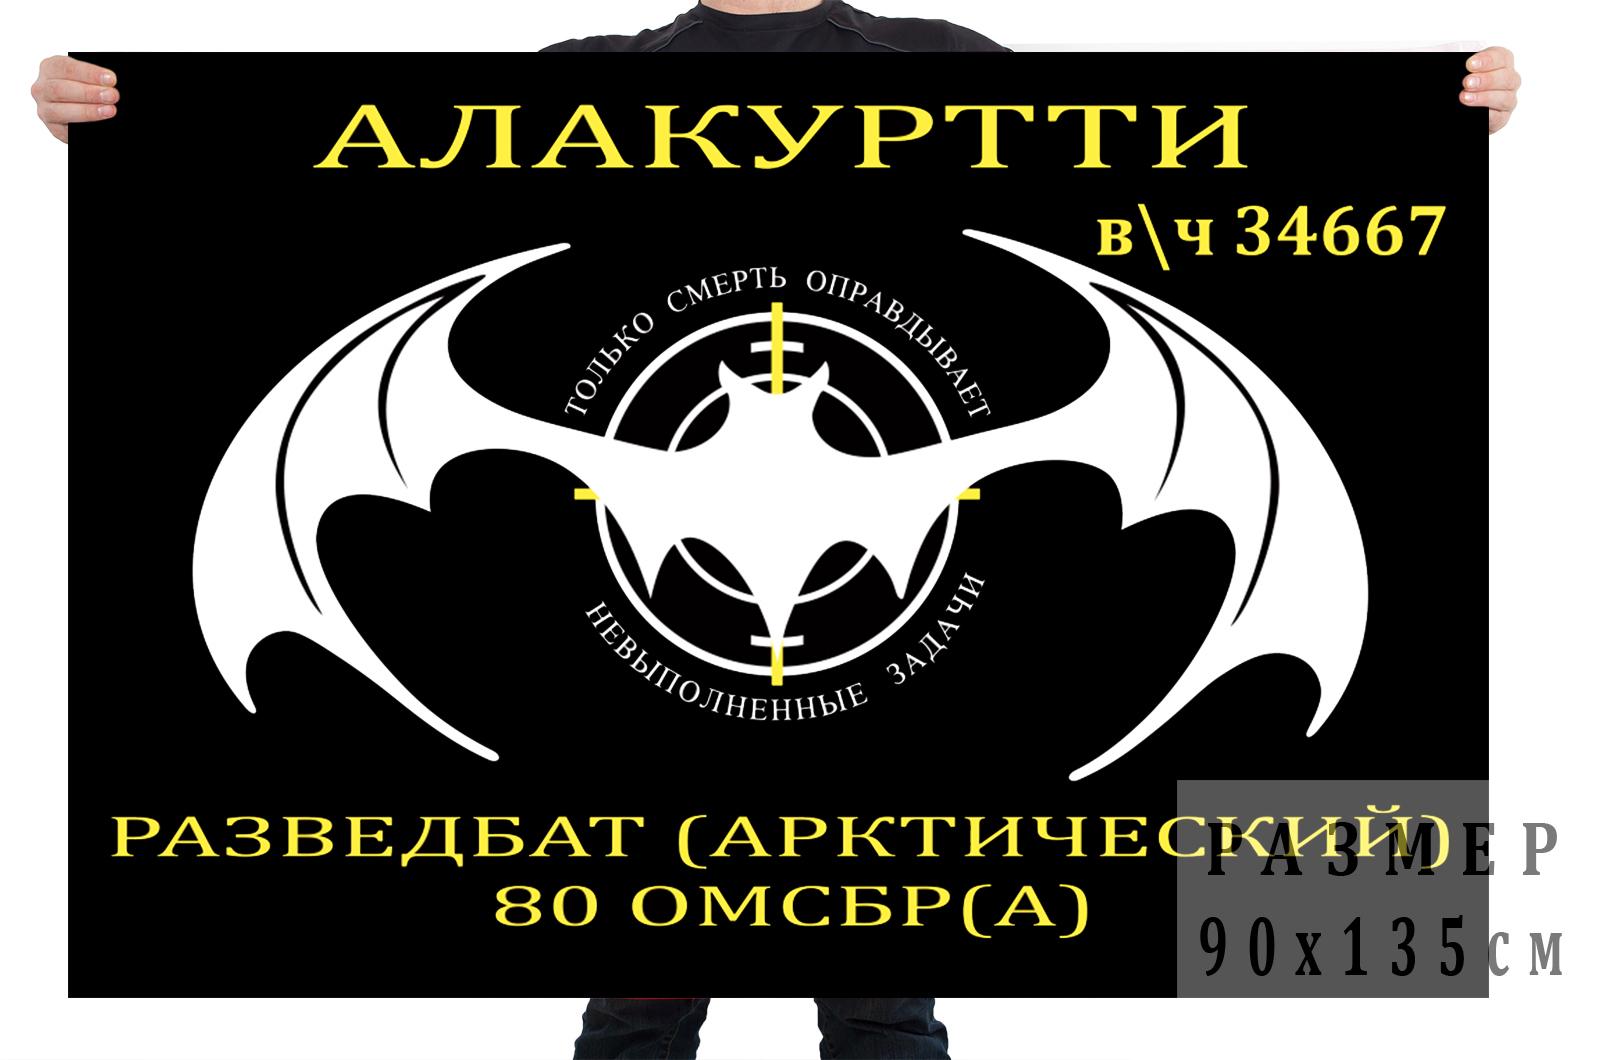 Флаг разведбата Арктического 80 ОМСБР